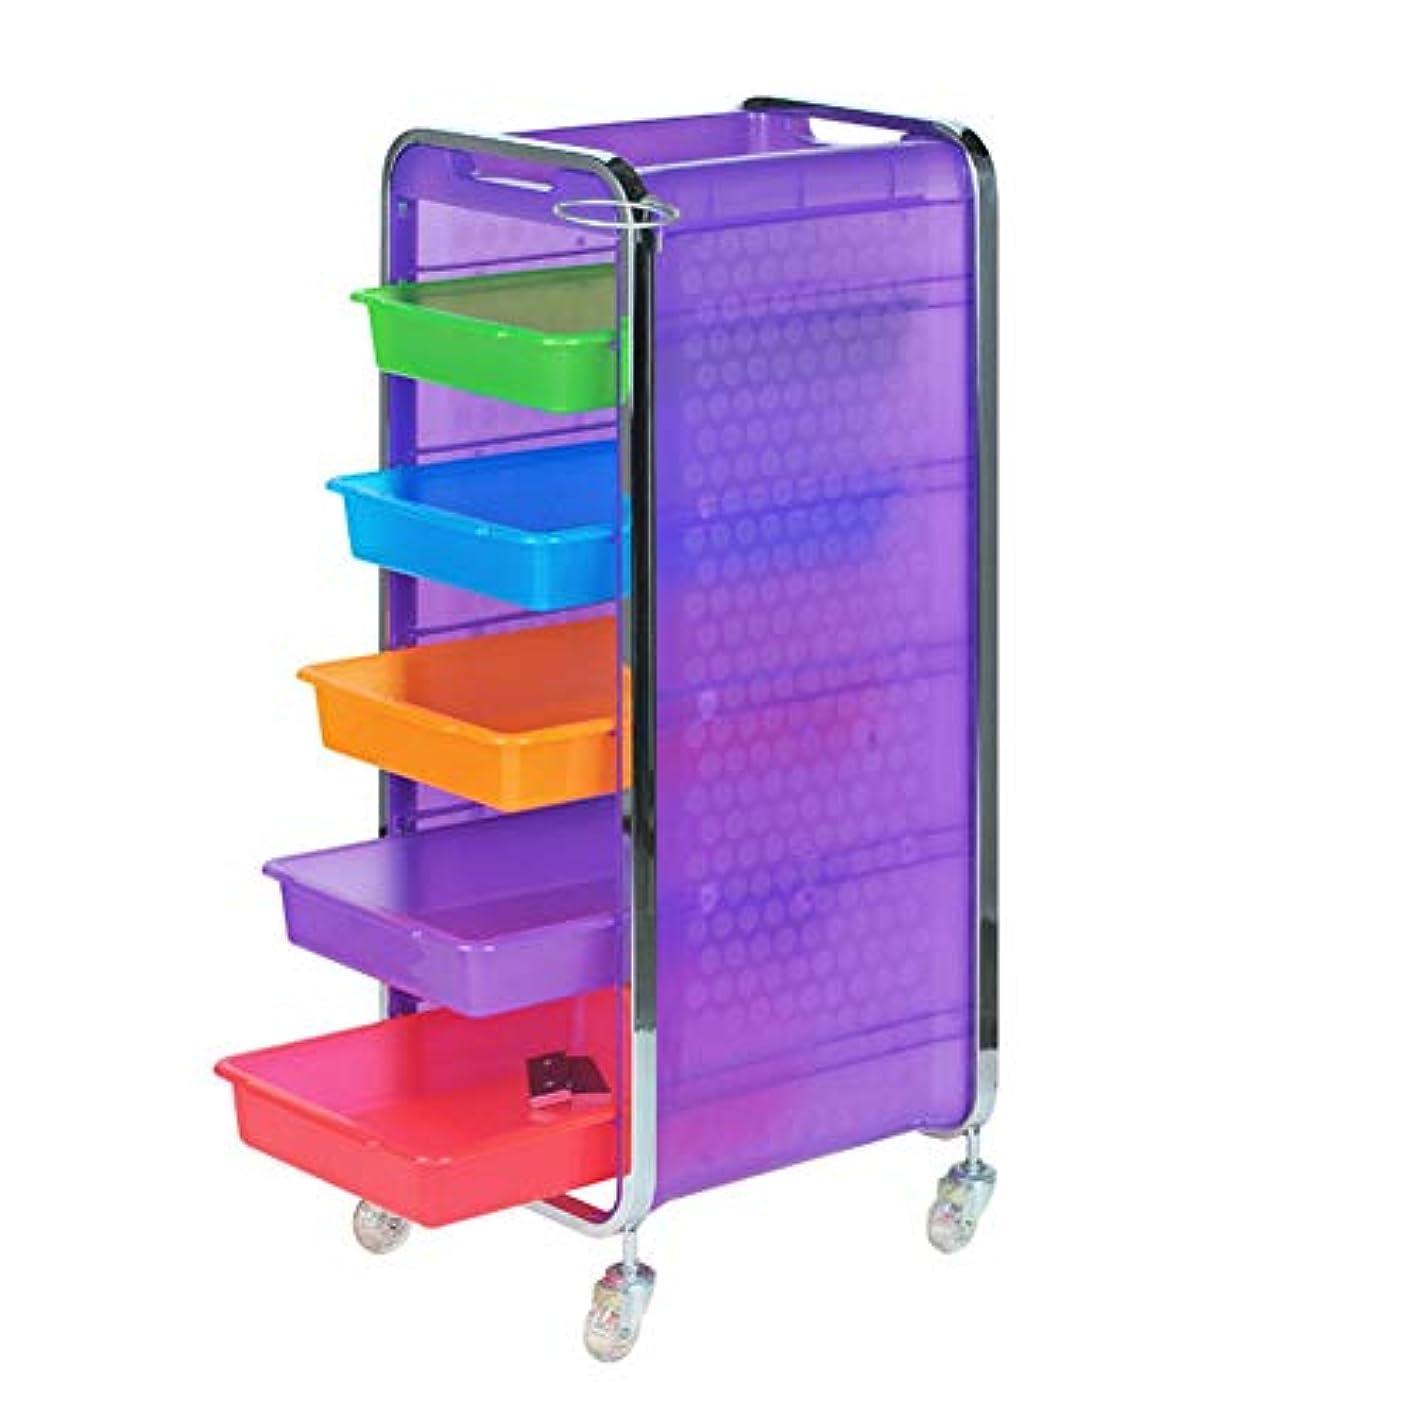 練る成り立つ遅らせるサロン美容院トロリー美容美容収納カート6層トレイ多機能引き出し虹色,Purple,B